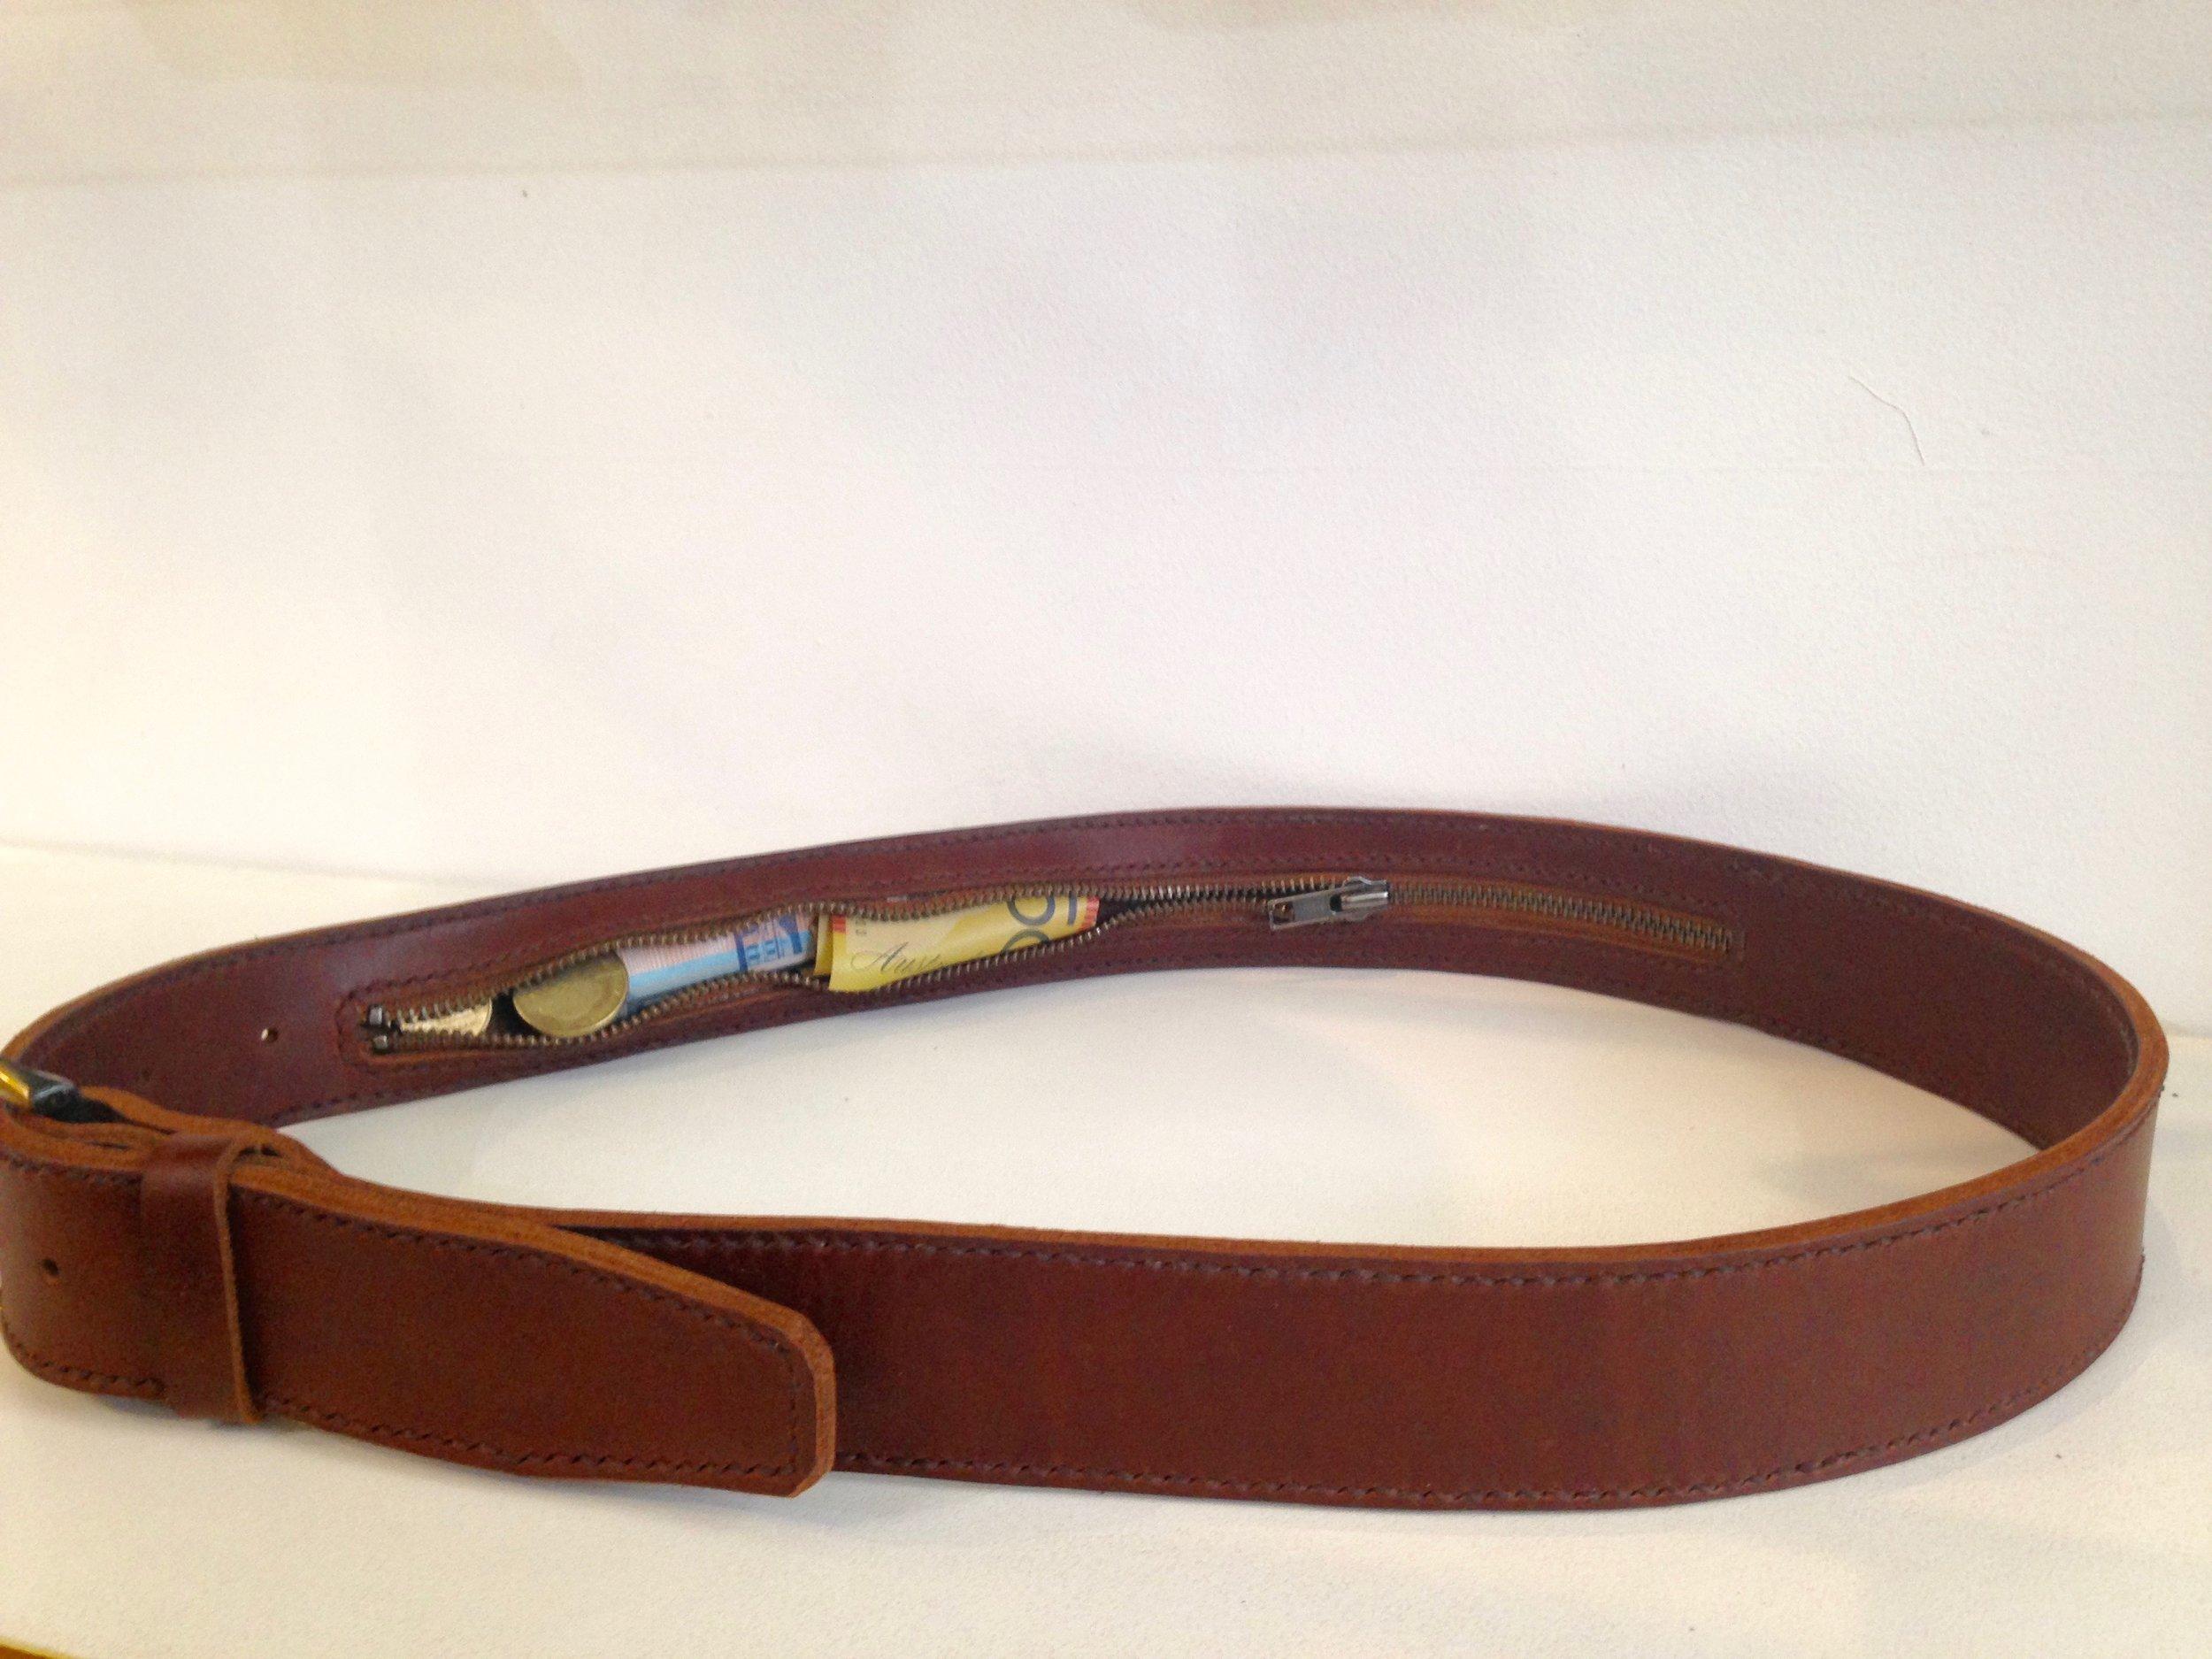 IMG_0374.jpg Money belt.jpg